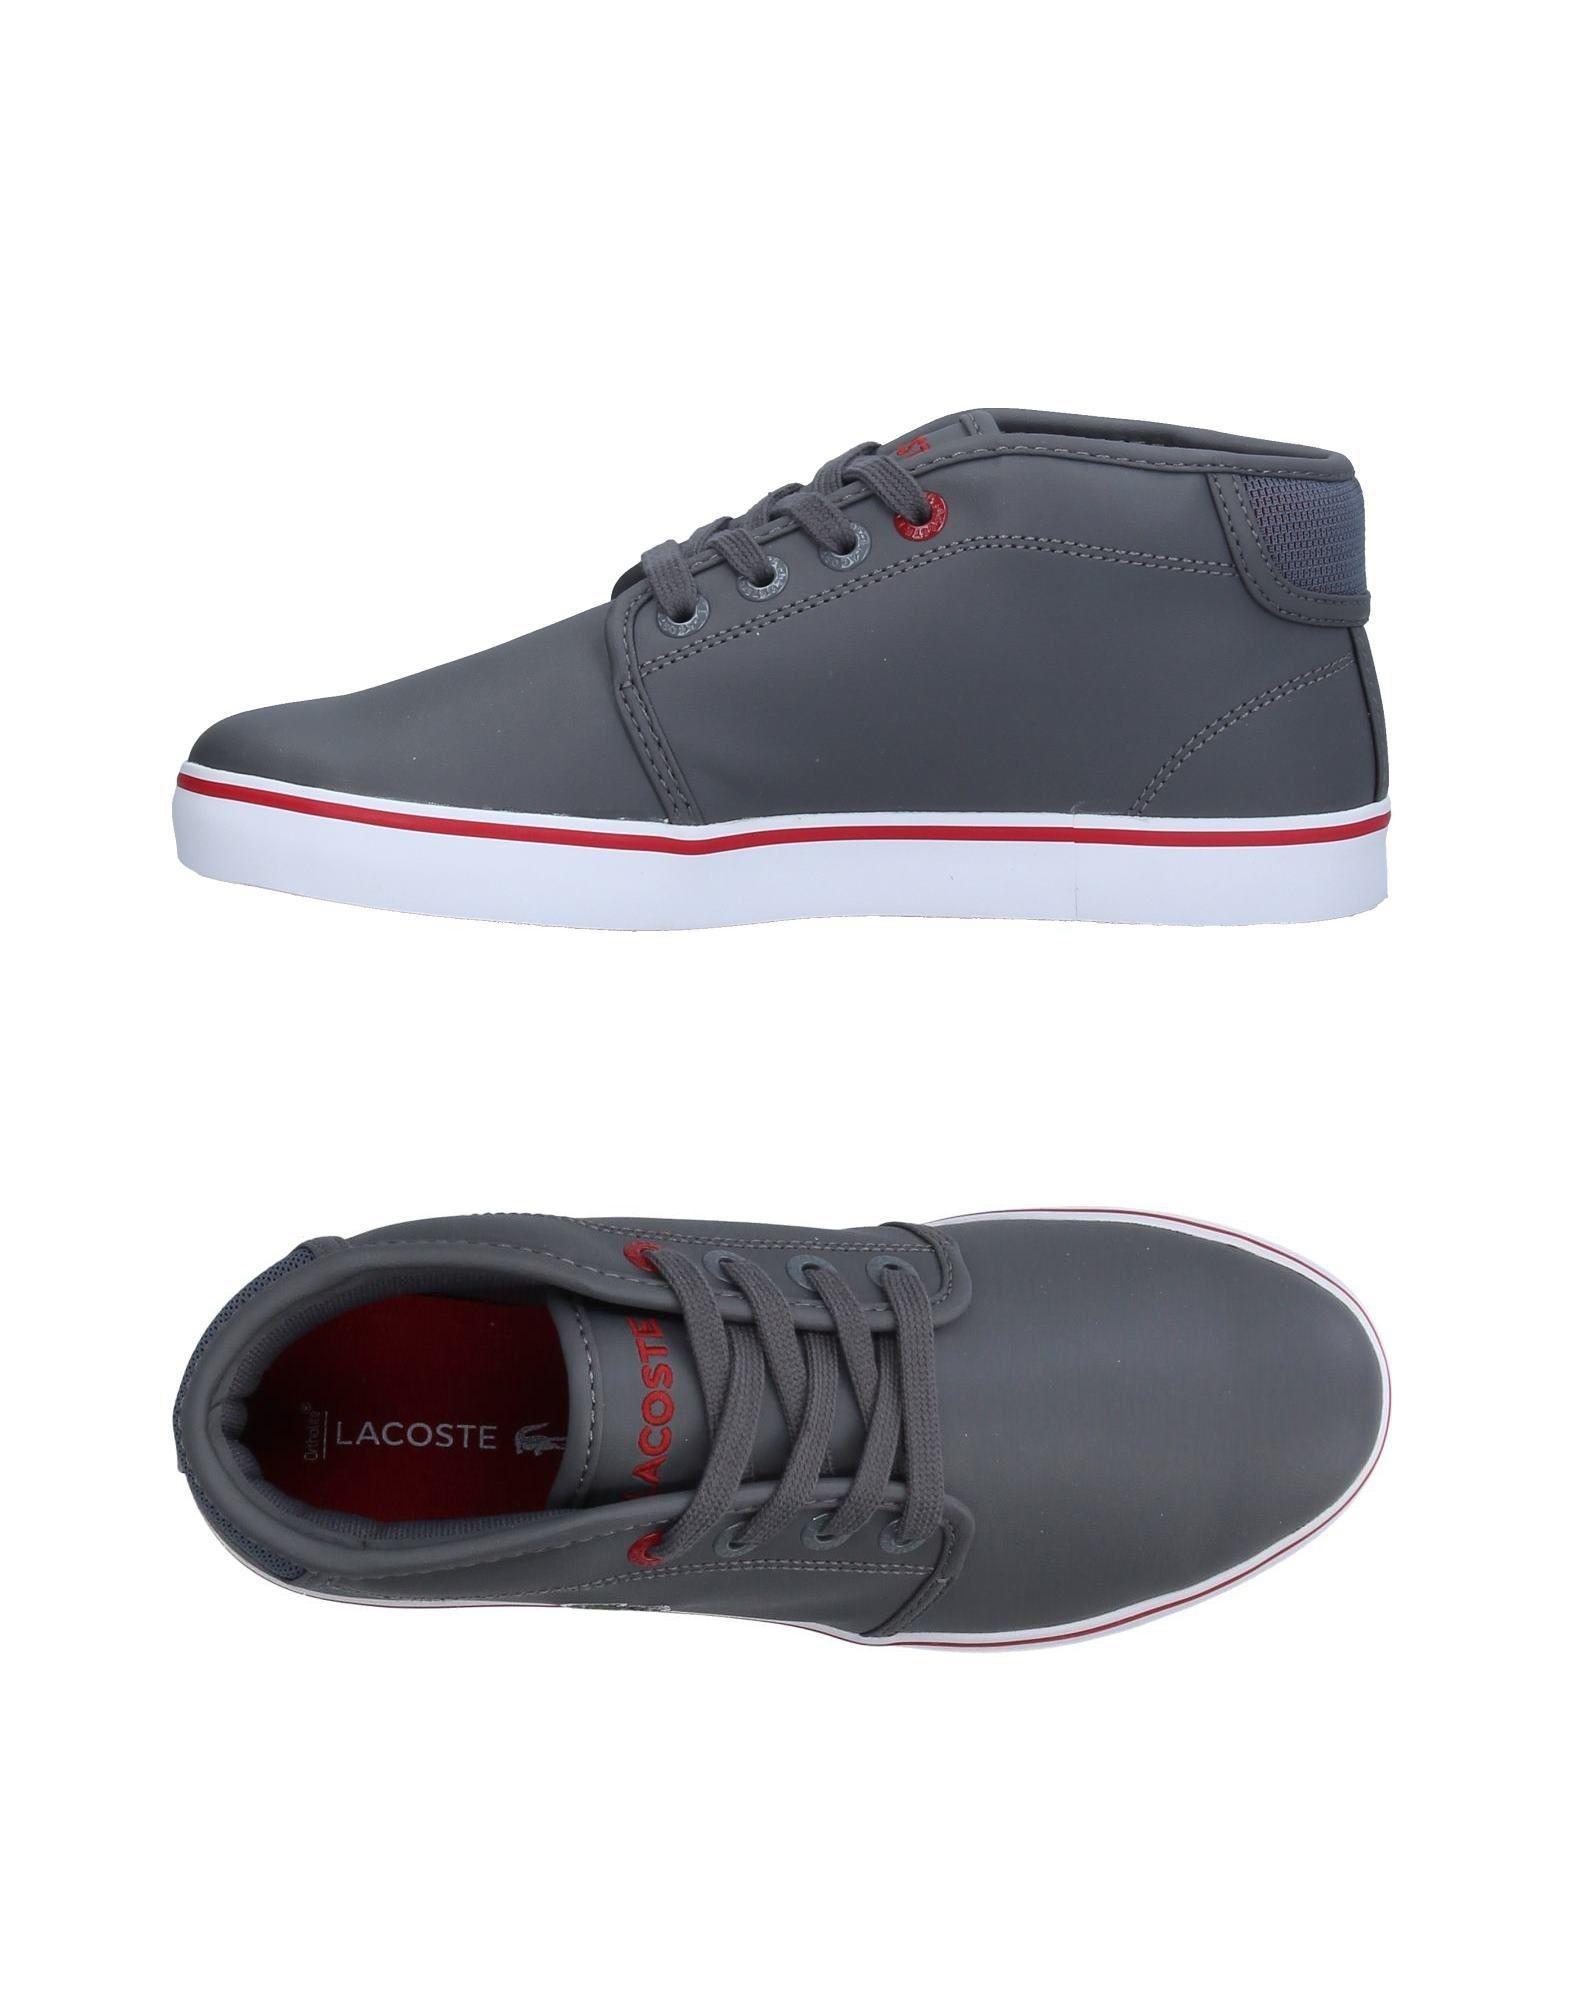 Chaussures - Haute-tops Et Baskets Jeckerson Manchester Pas Cher QVTYMnwppI